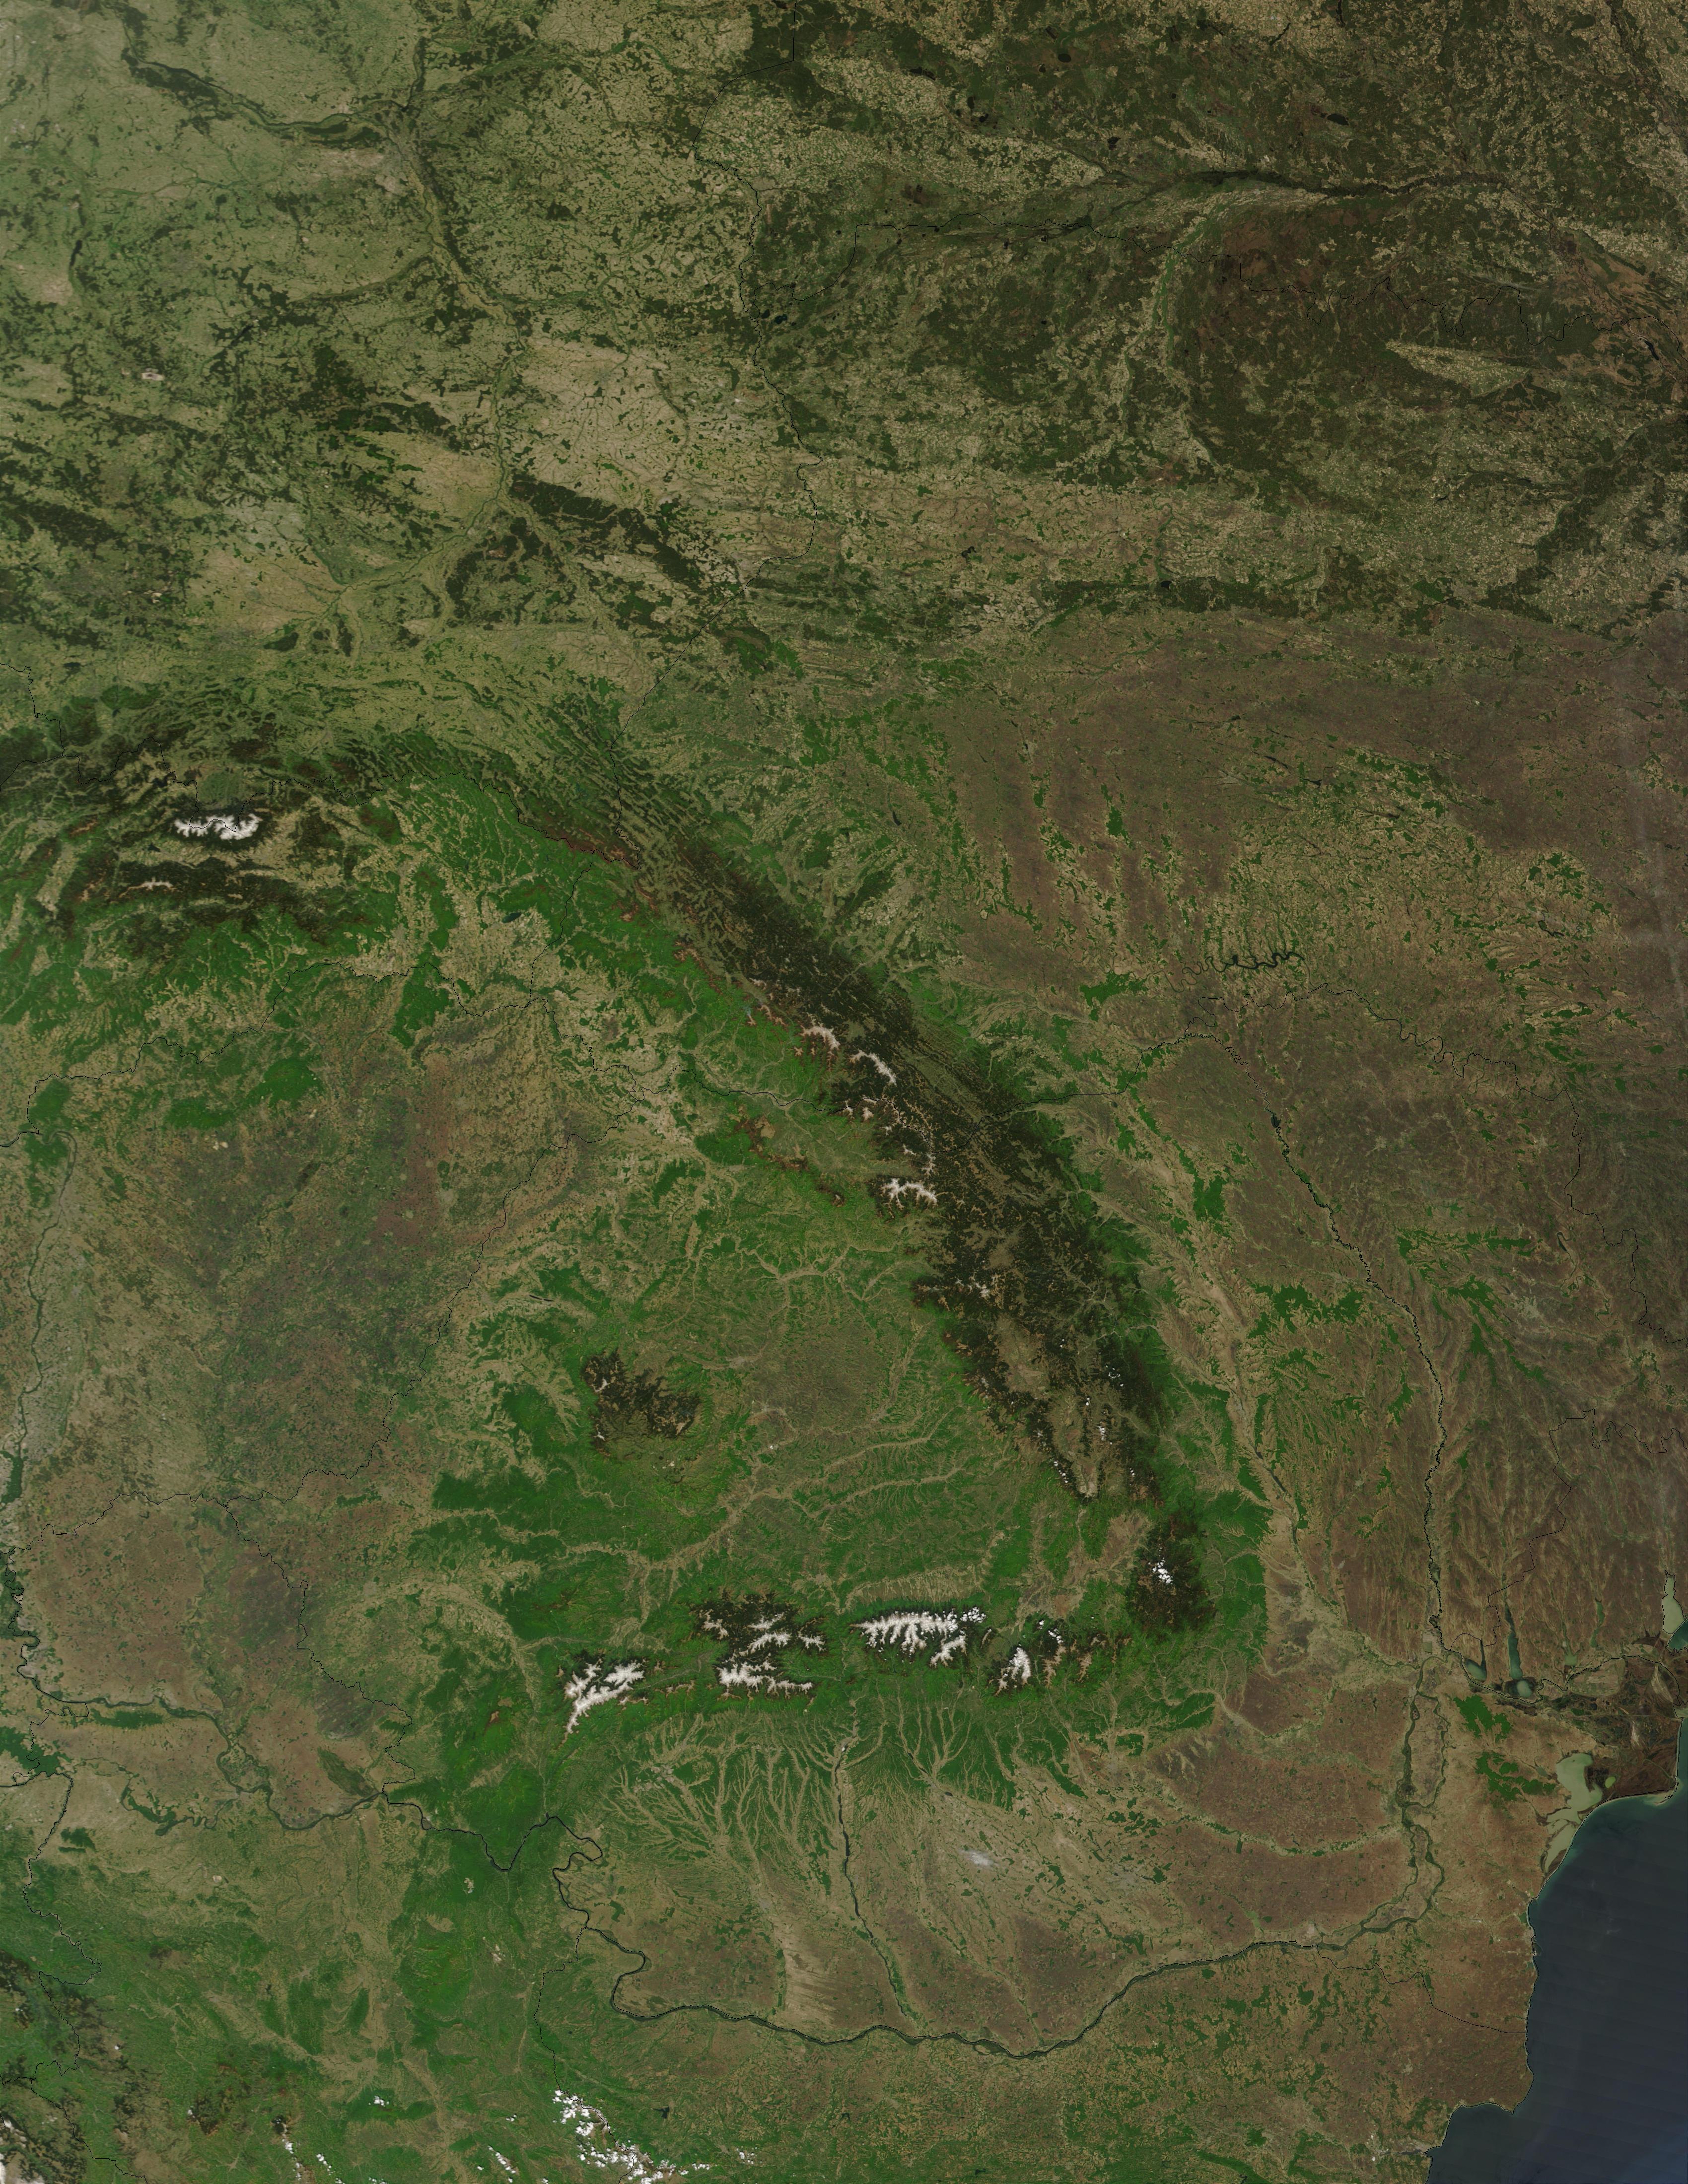 Montes Balcanes Mapa Geografico.Montes Carpatos Wikipedia La Enciclopedia Libre